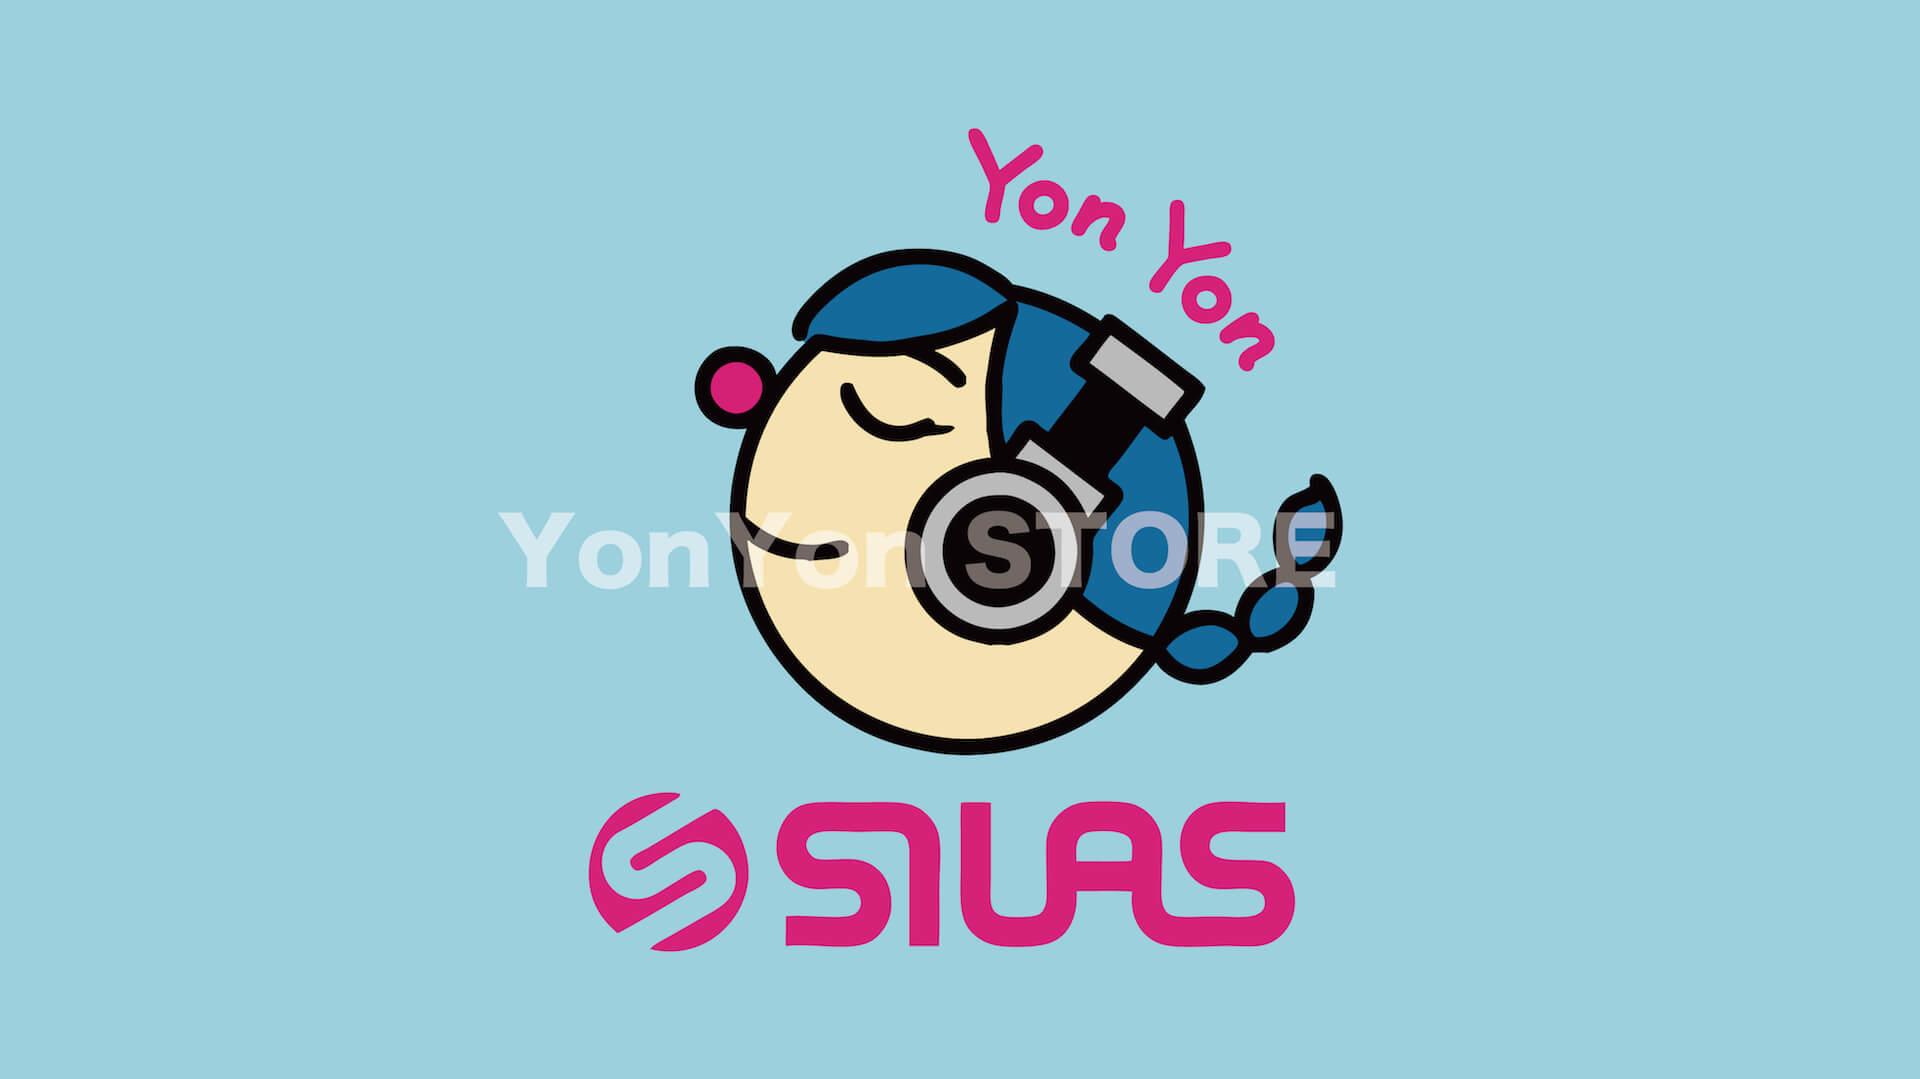 YonYonが自身初のオフィシャルグッズを発表!SILASとのコラボLSTシャツ&バゲットハットが予約販売開始 life210219_yonyon_3